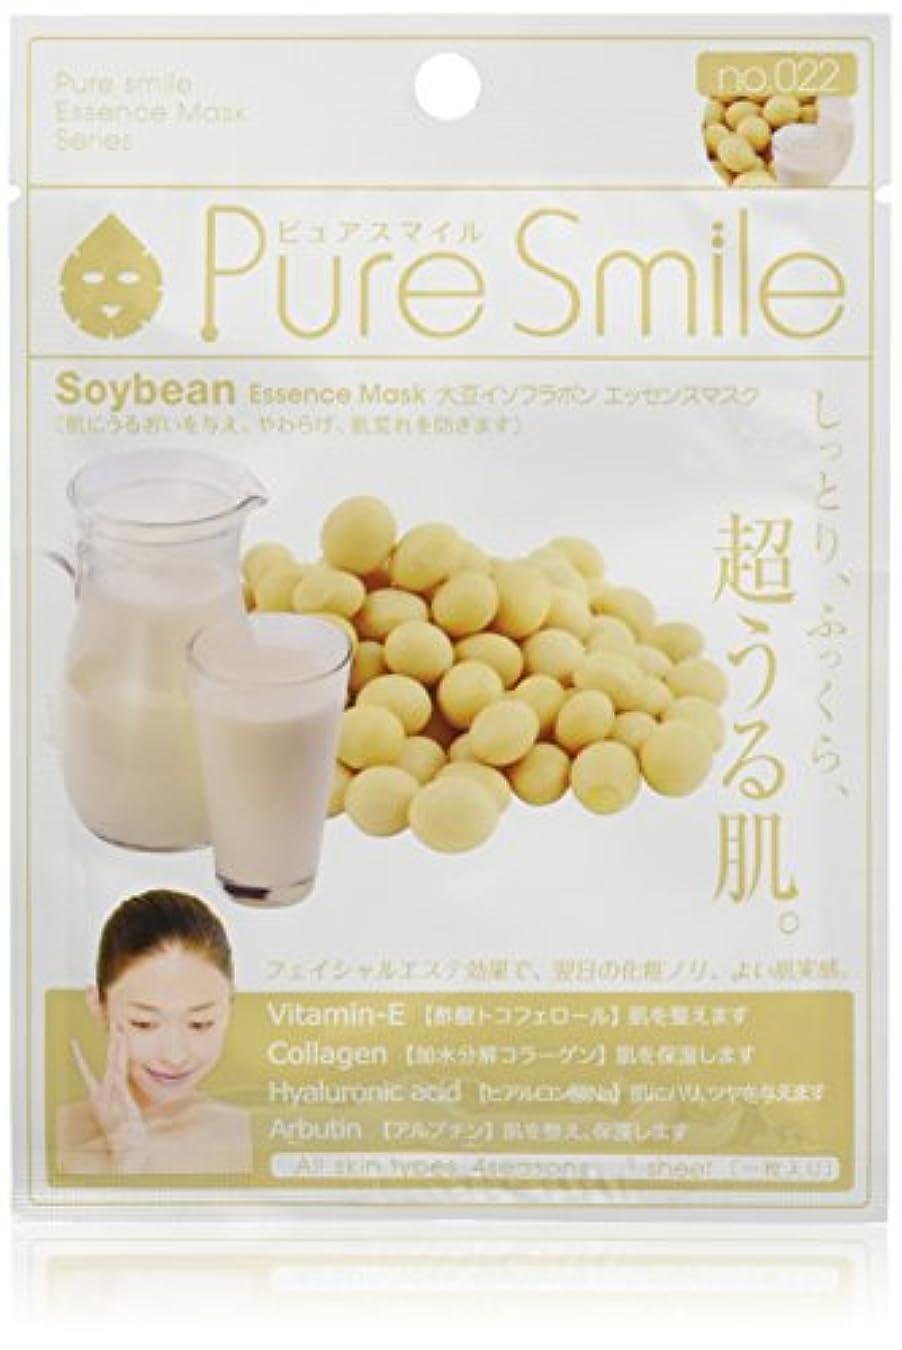 シリーズオーロック接続されたPure Smile ピュアスマイル エッセンスマスク 大豆イソフラボン 6枚セット